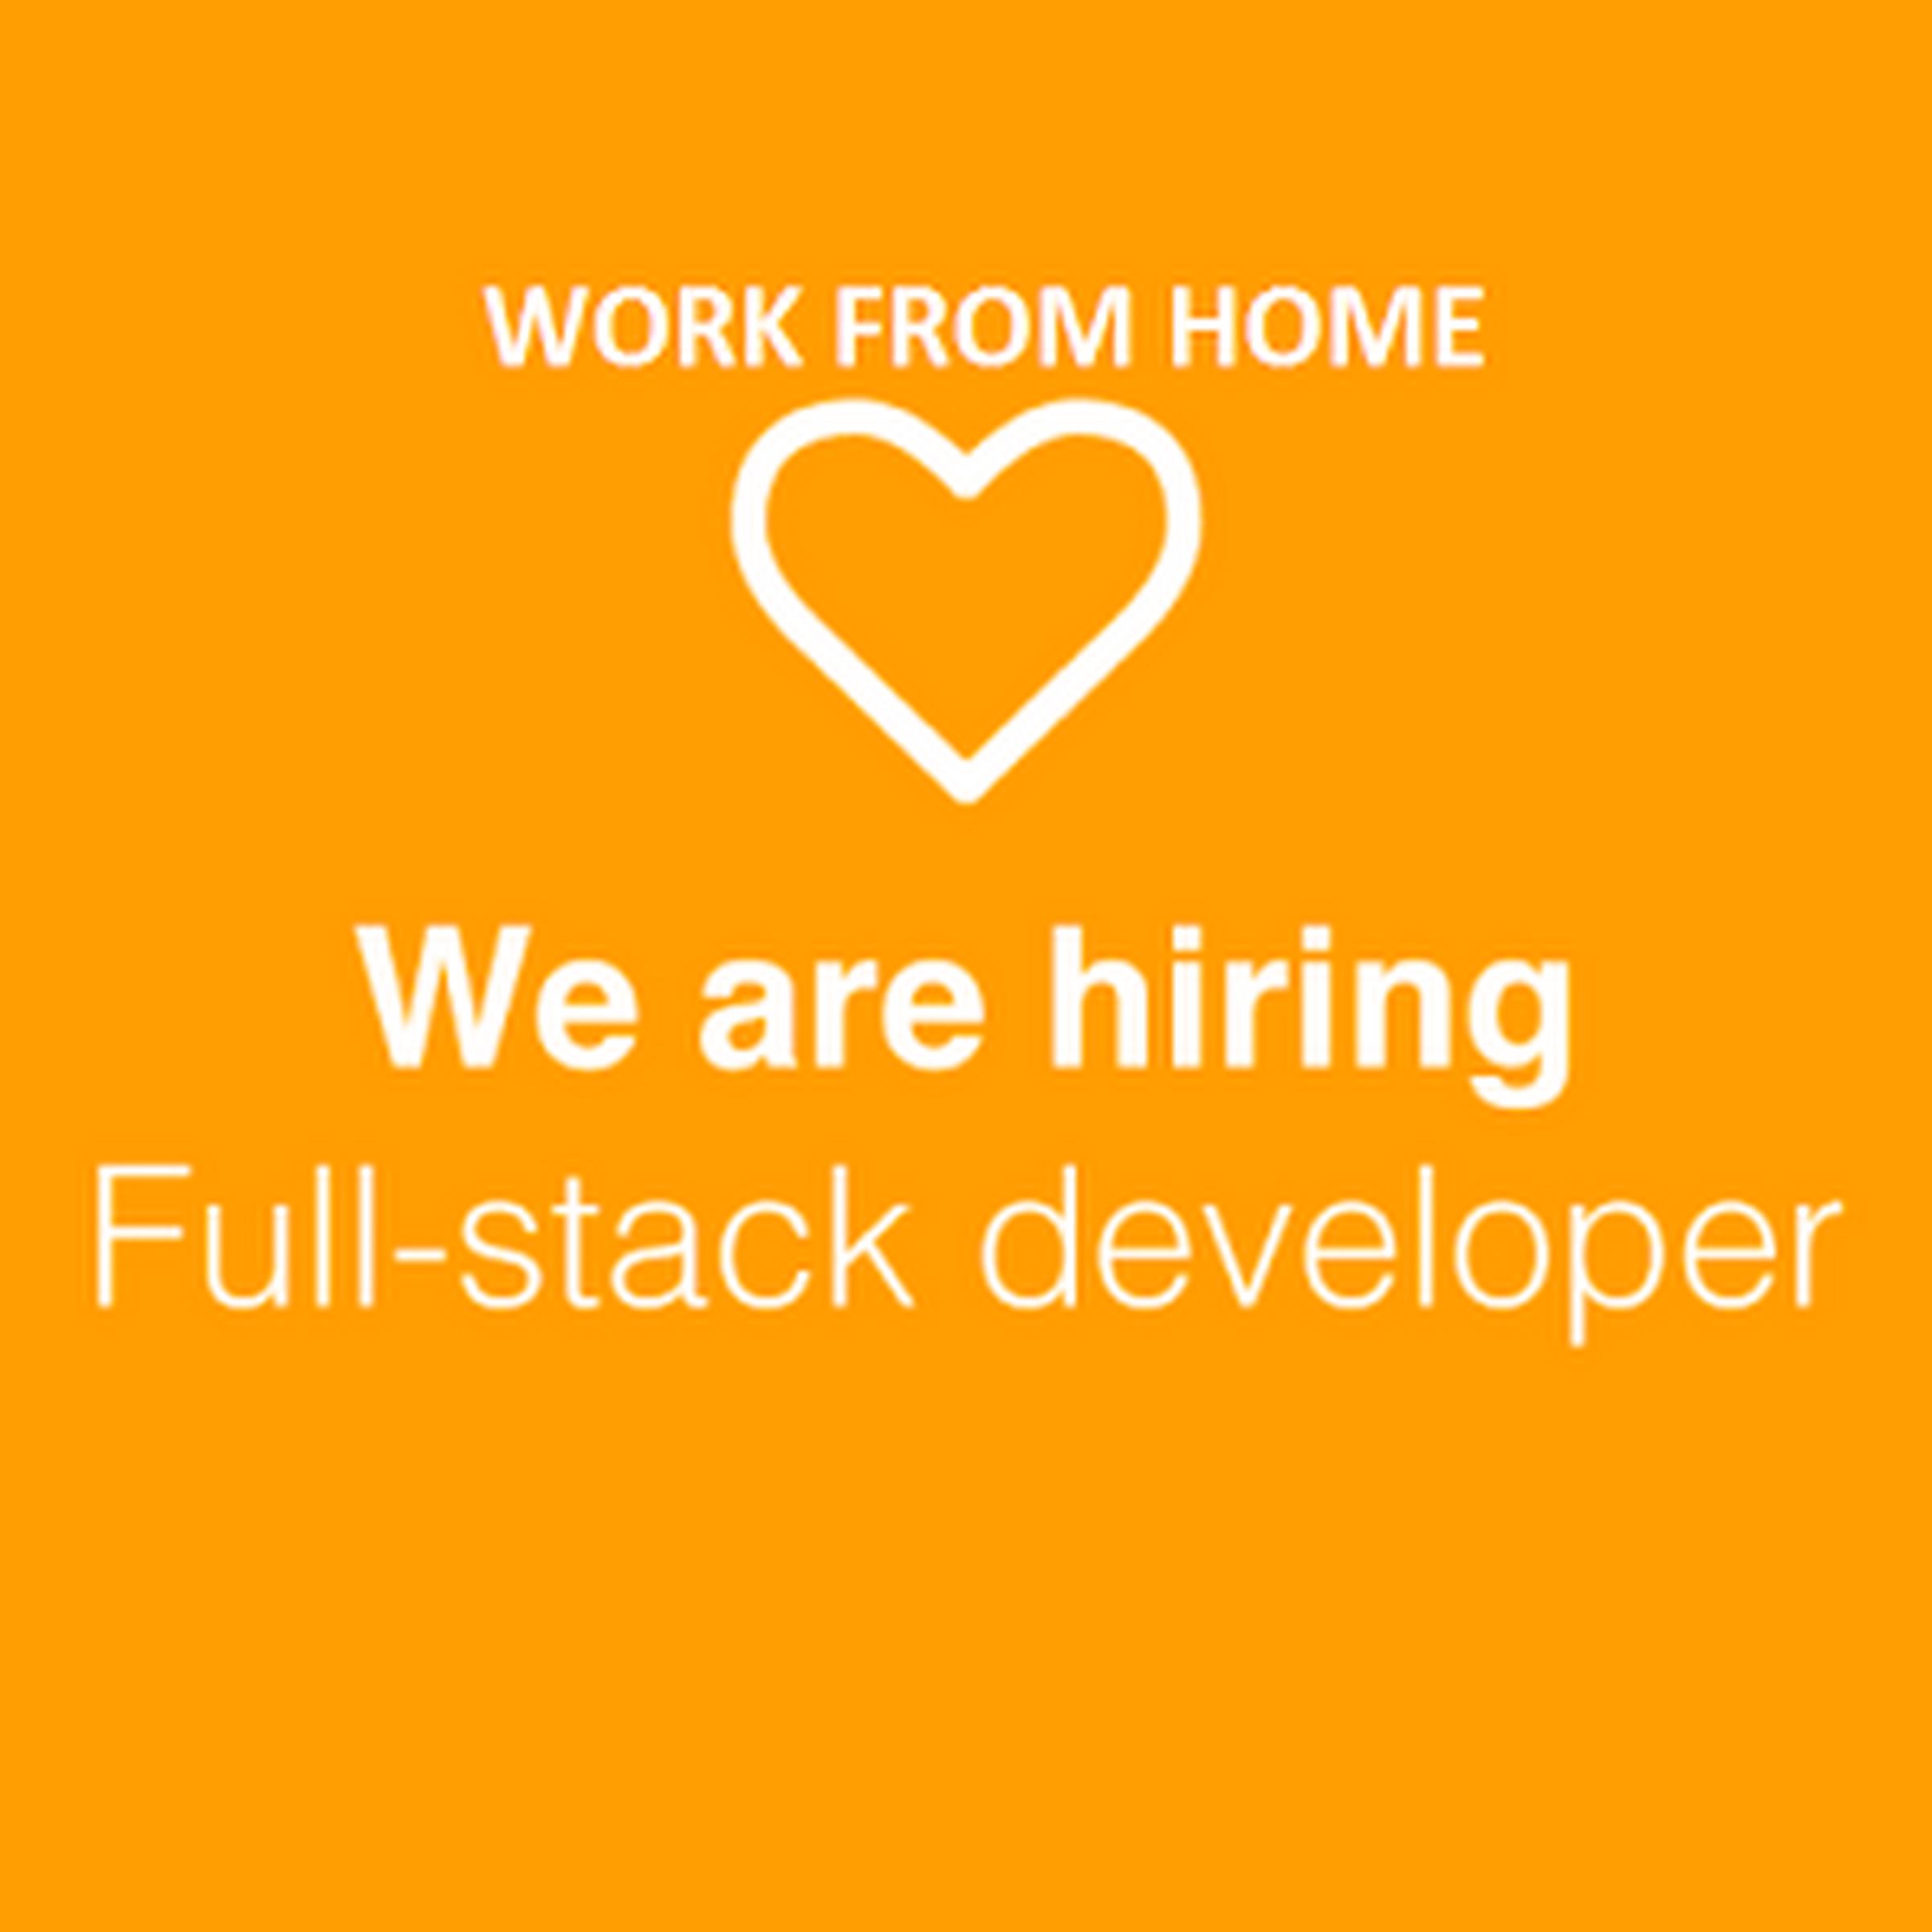 Full Stack Developer ₱75K - Work From Home